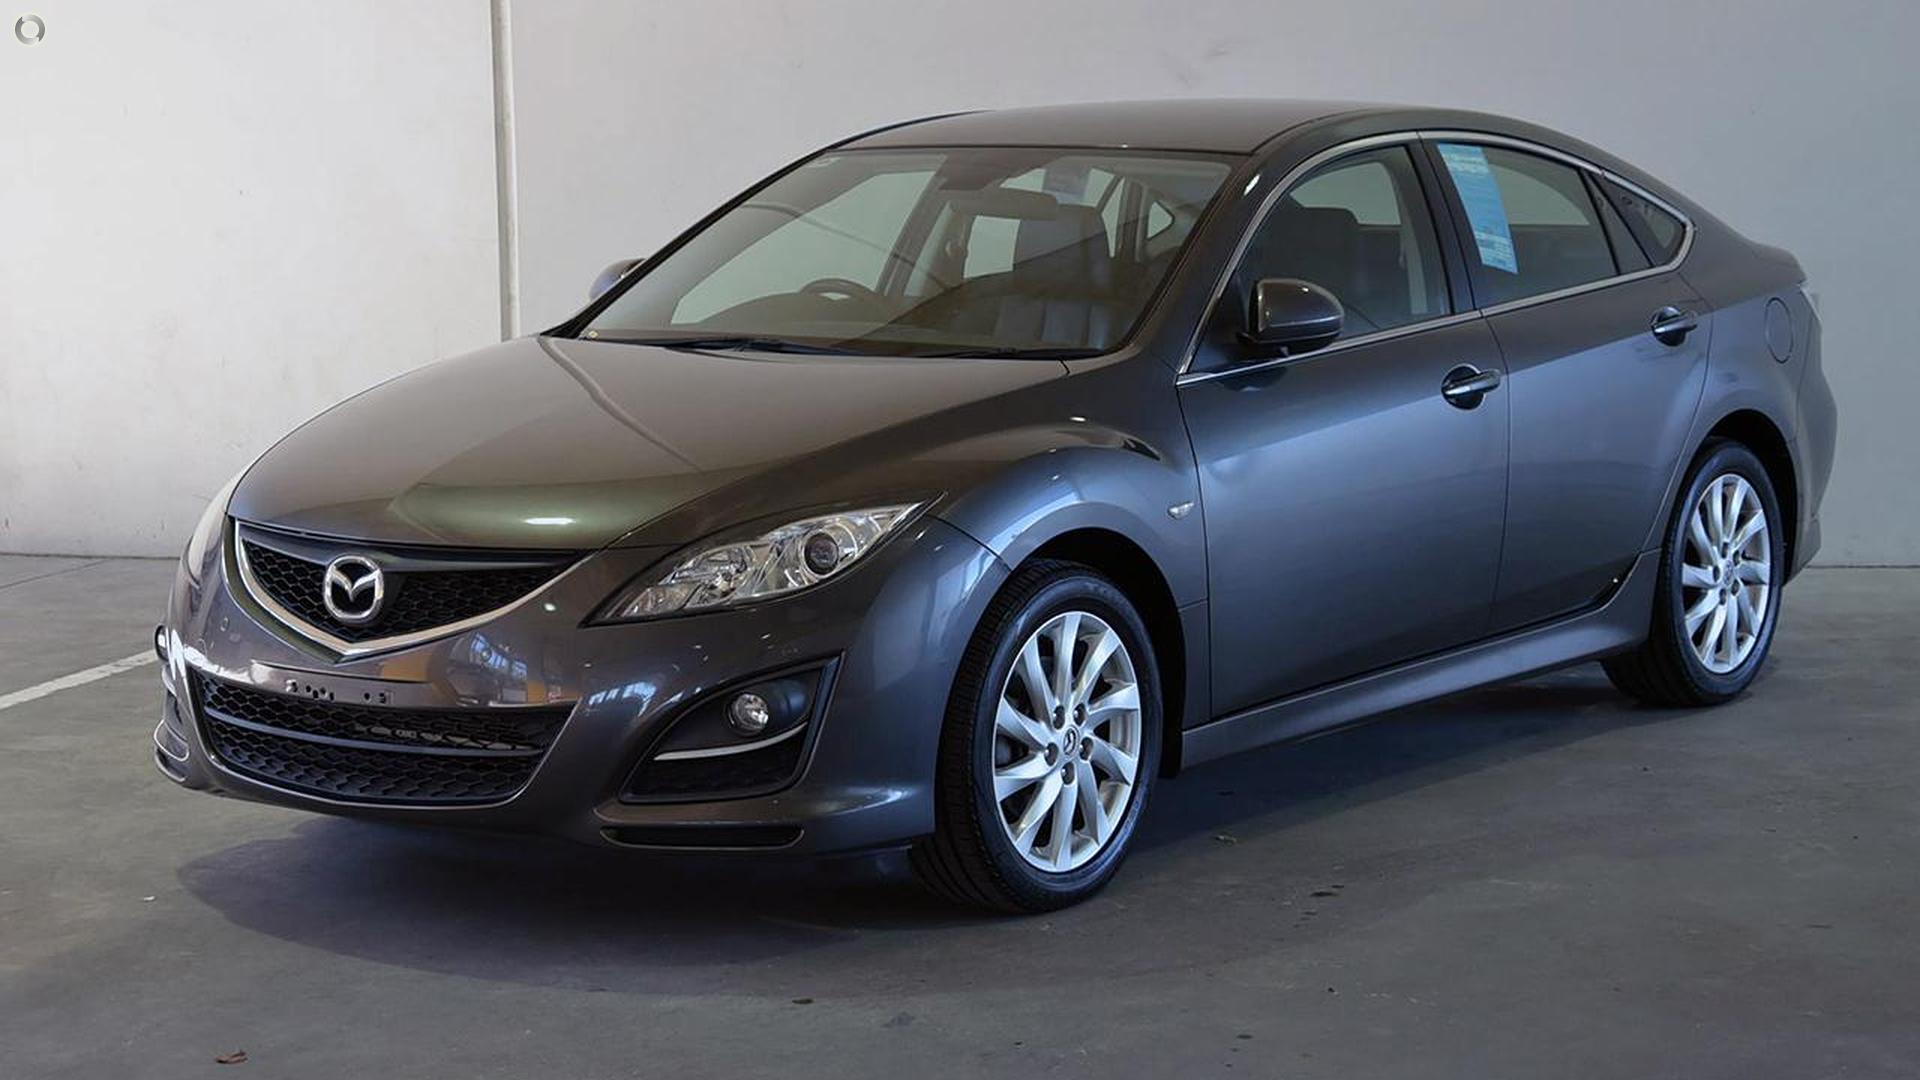 ... 2012 Mazda 6 Touring GH Series 2 ...